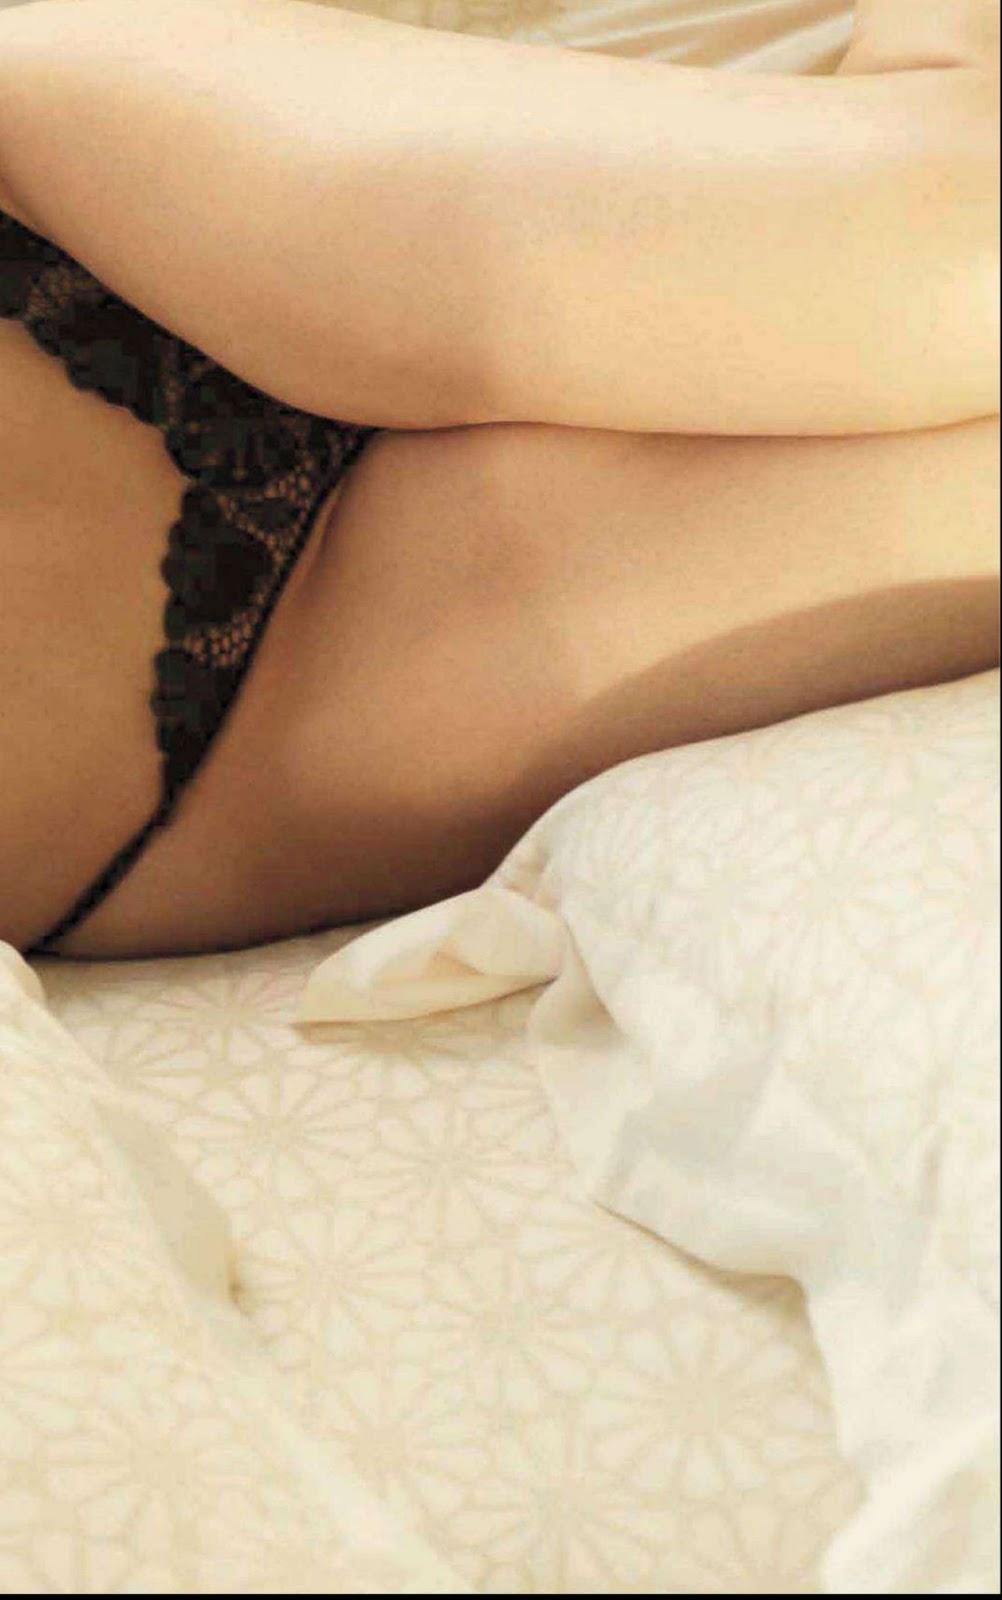 Pictures of Yolanda Ventura @ Playboy, Mexico, April 2013